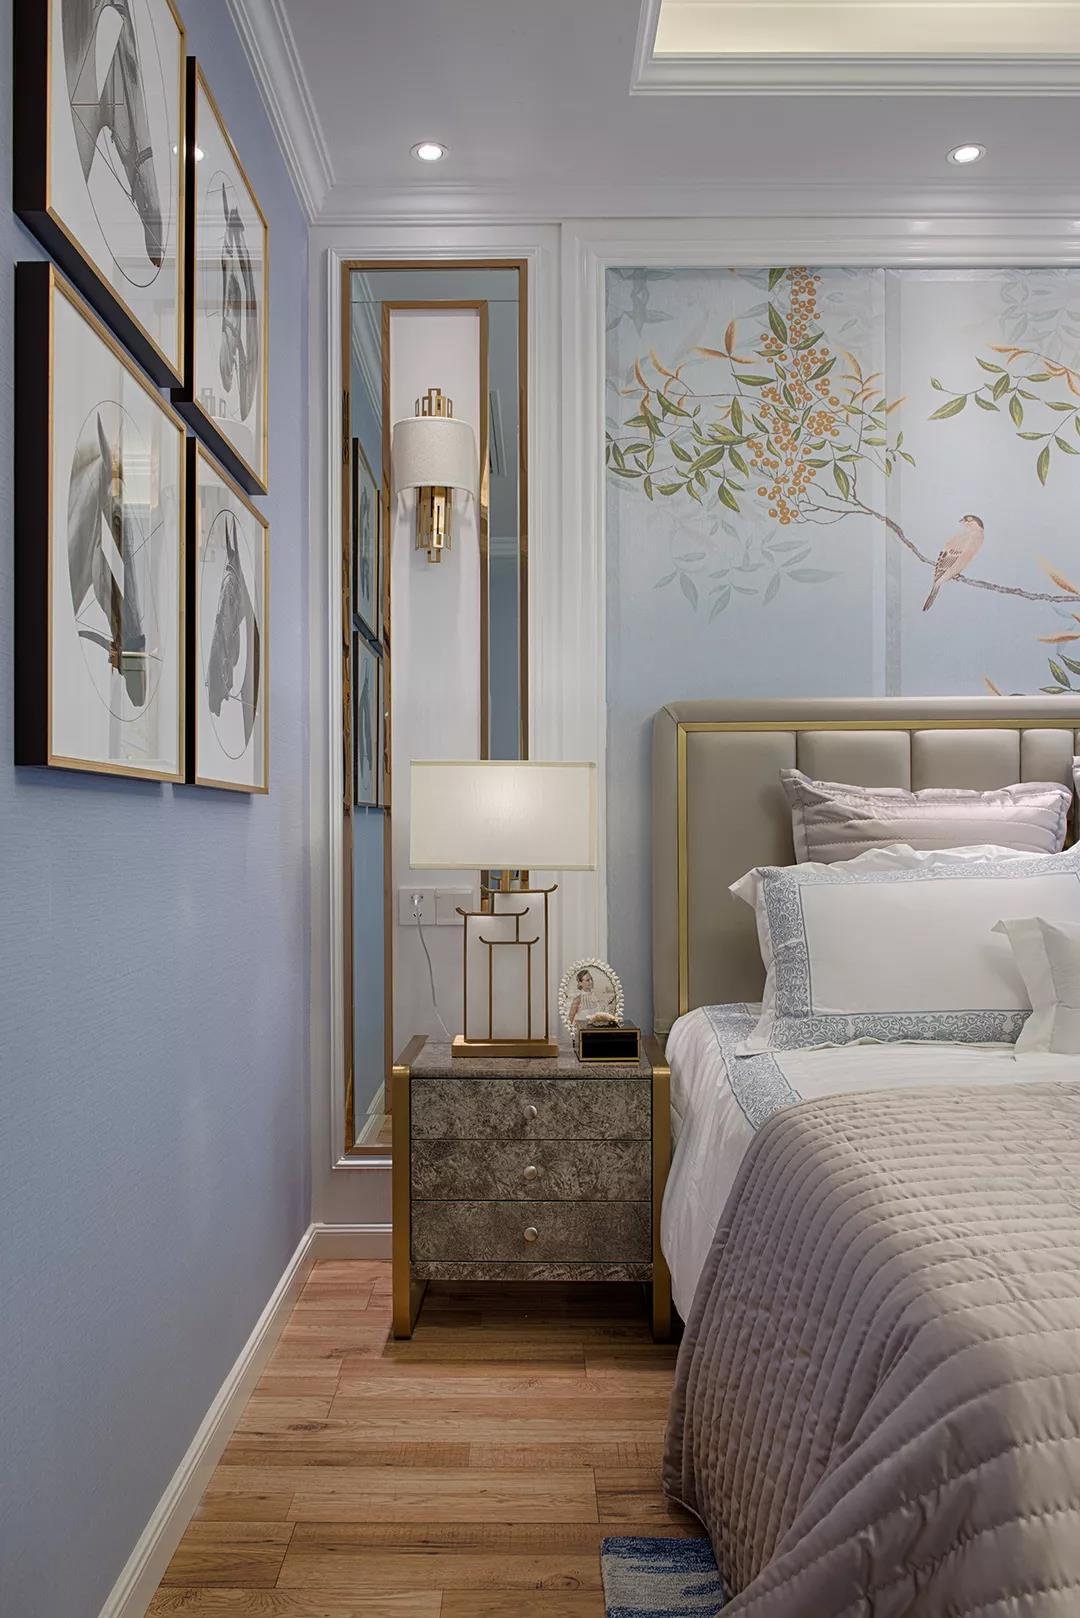 法式 简约 鹏友百年 私人定制 全案设计 混搭 重庆家装 卧室图片来自鹏友百年装饰在轻奢有度,浪漫刚好的分享